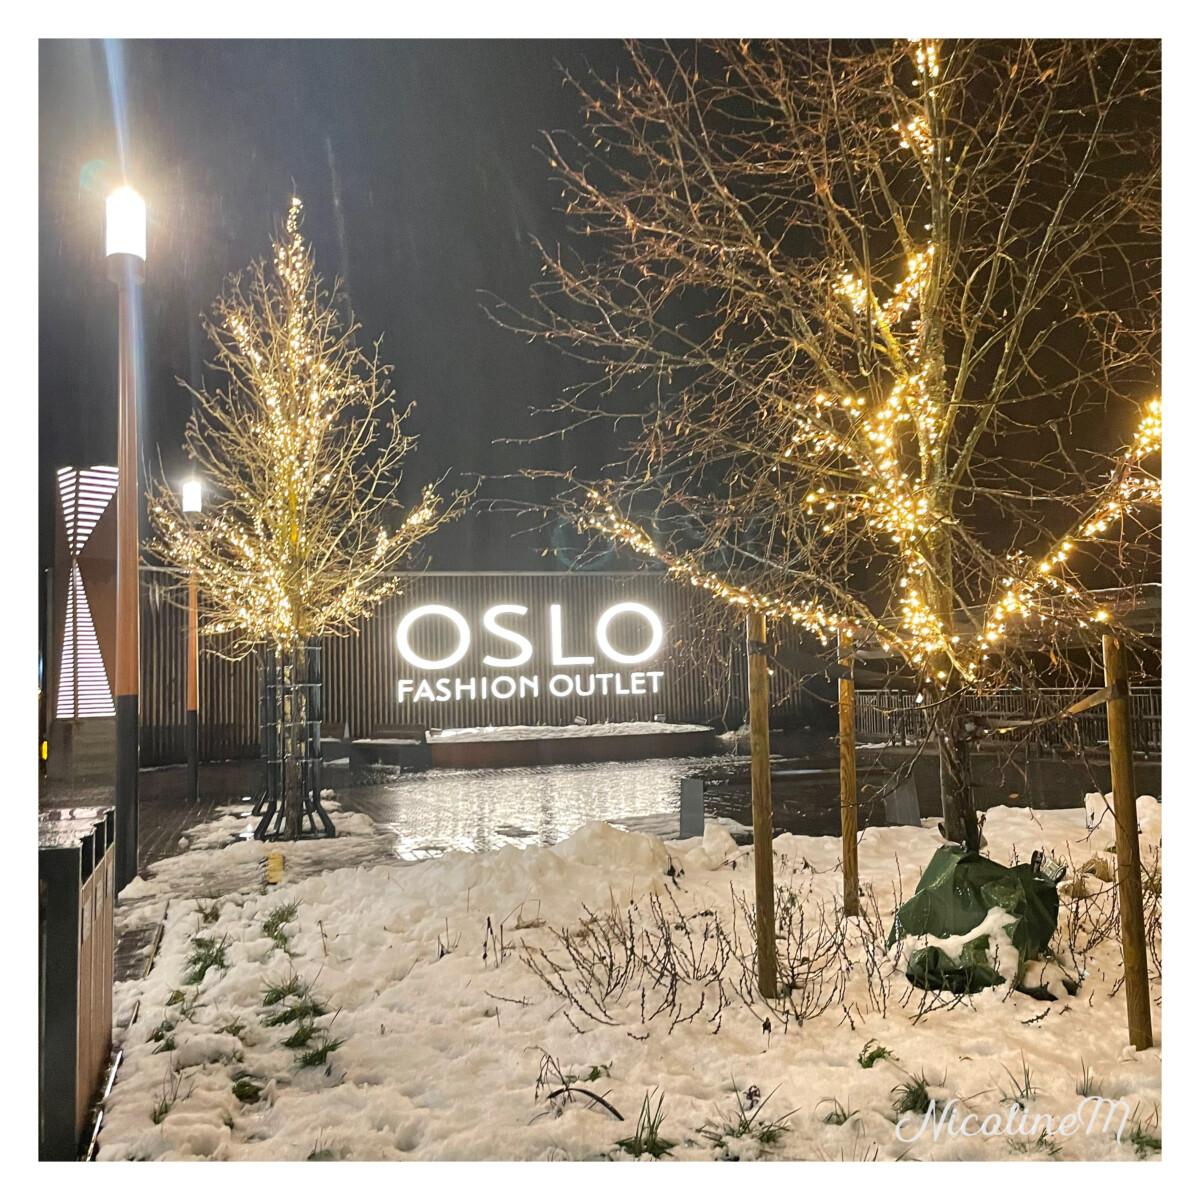 Oslo fashion outlet